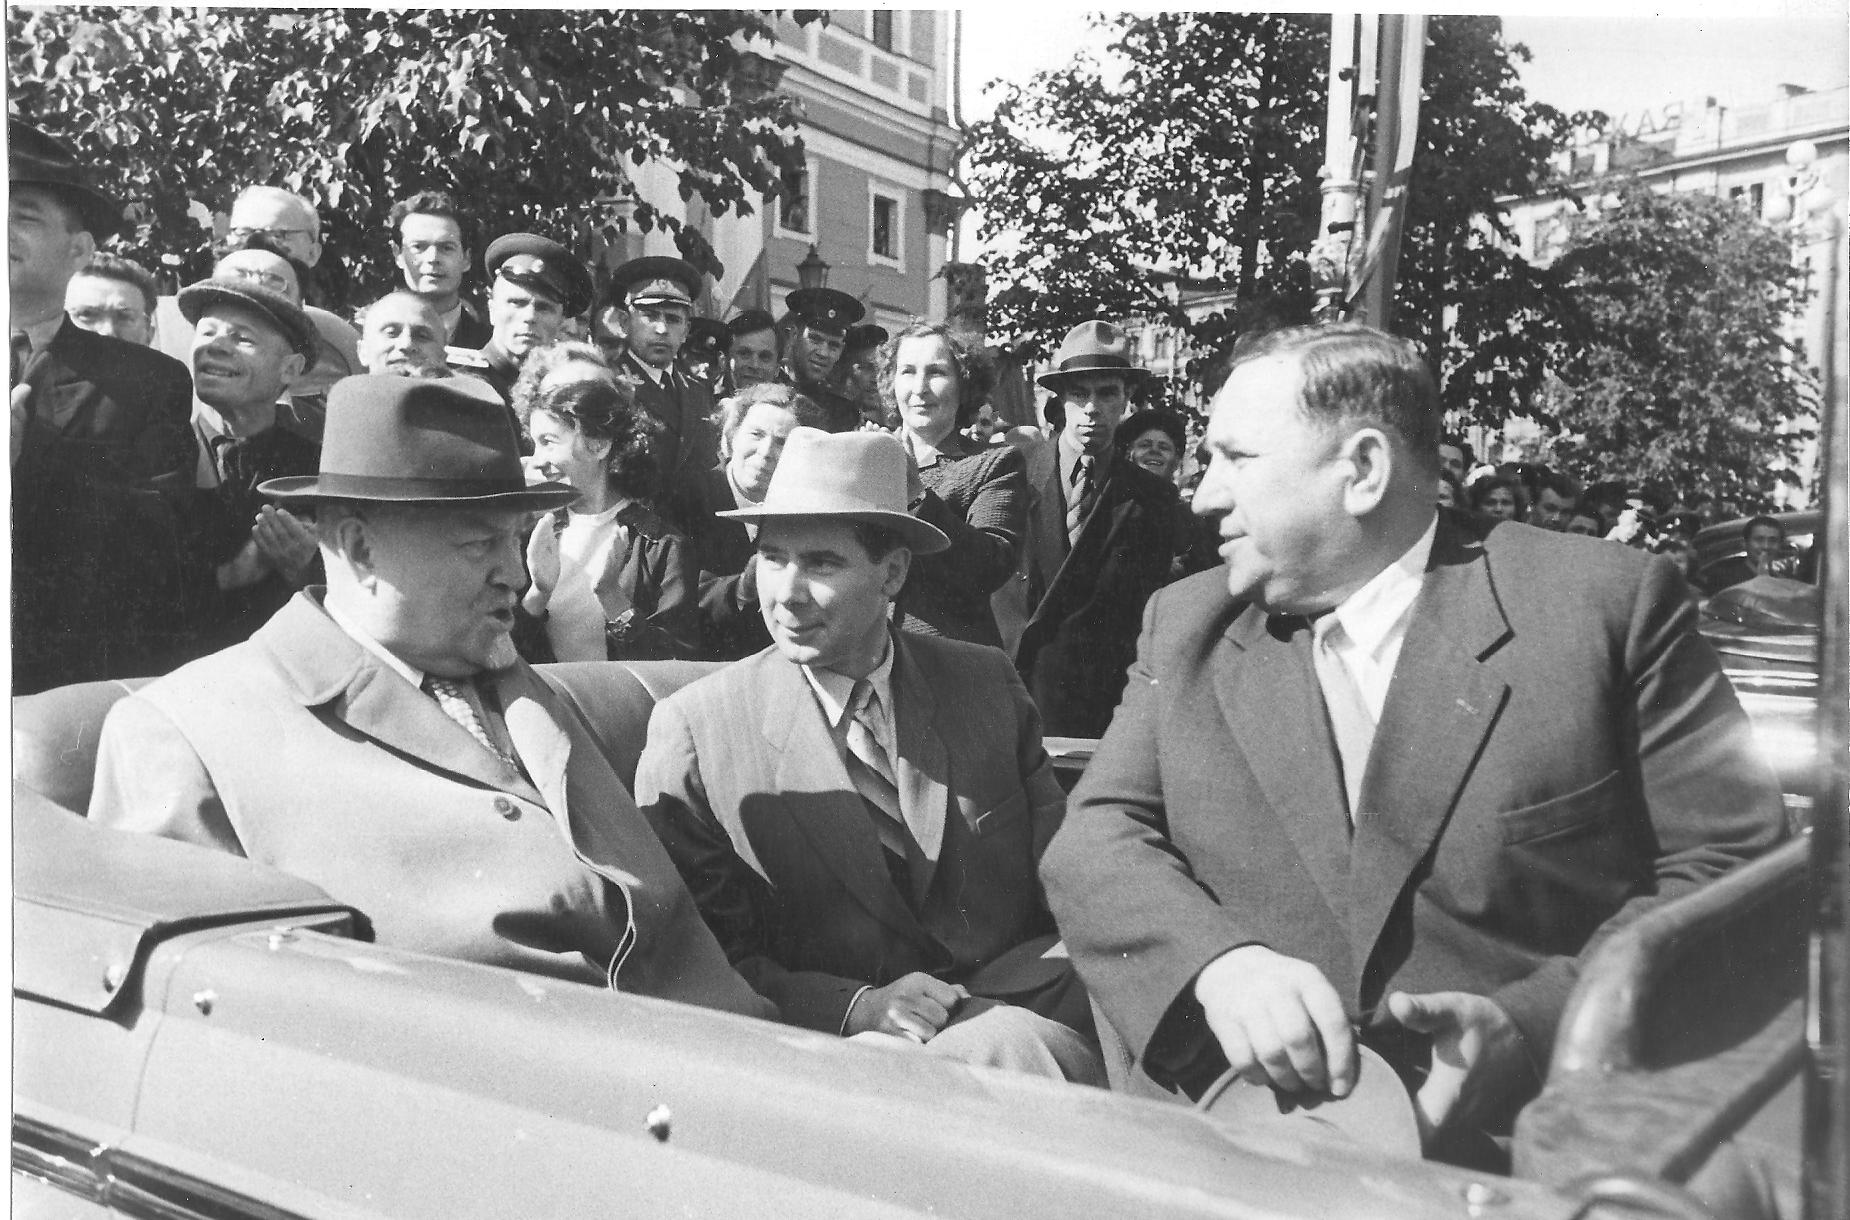 Н.А.Булганин, Н.Н.Родионов, Н.И.Смирнов. 1957 г. Ленинград